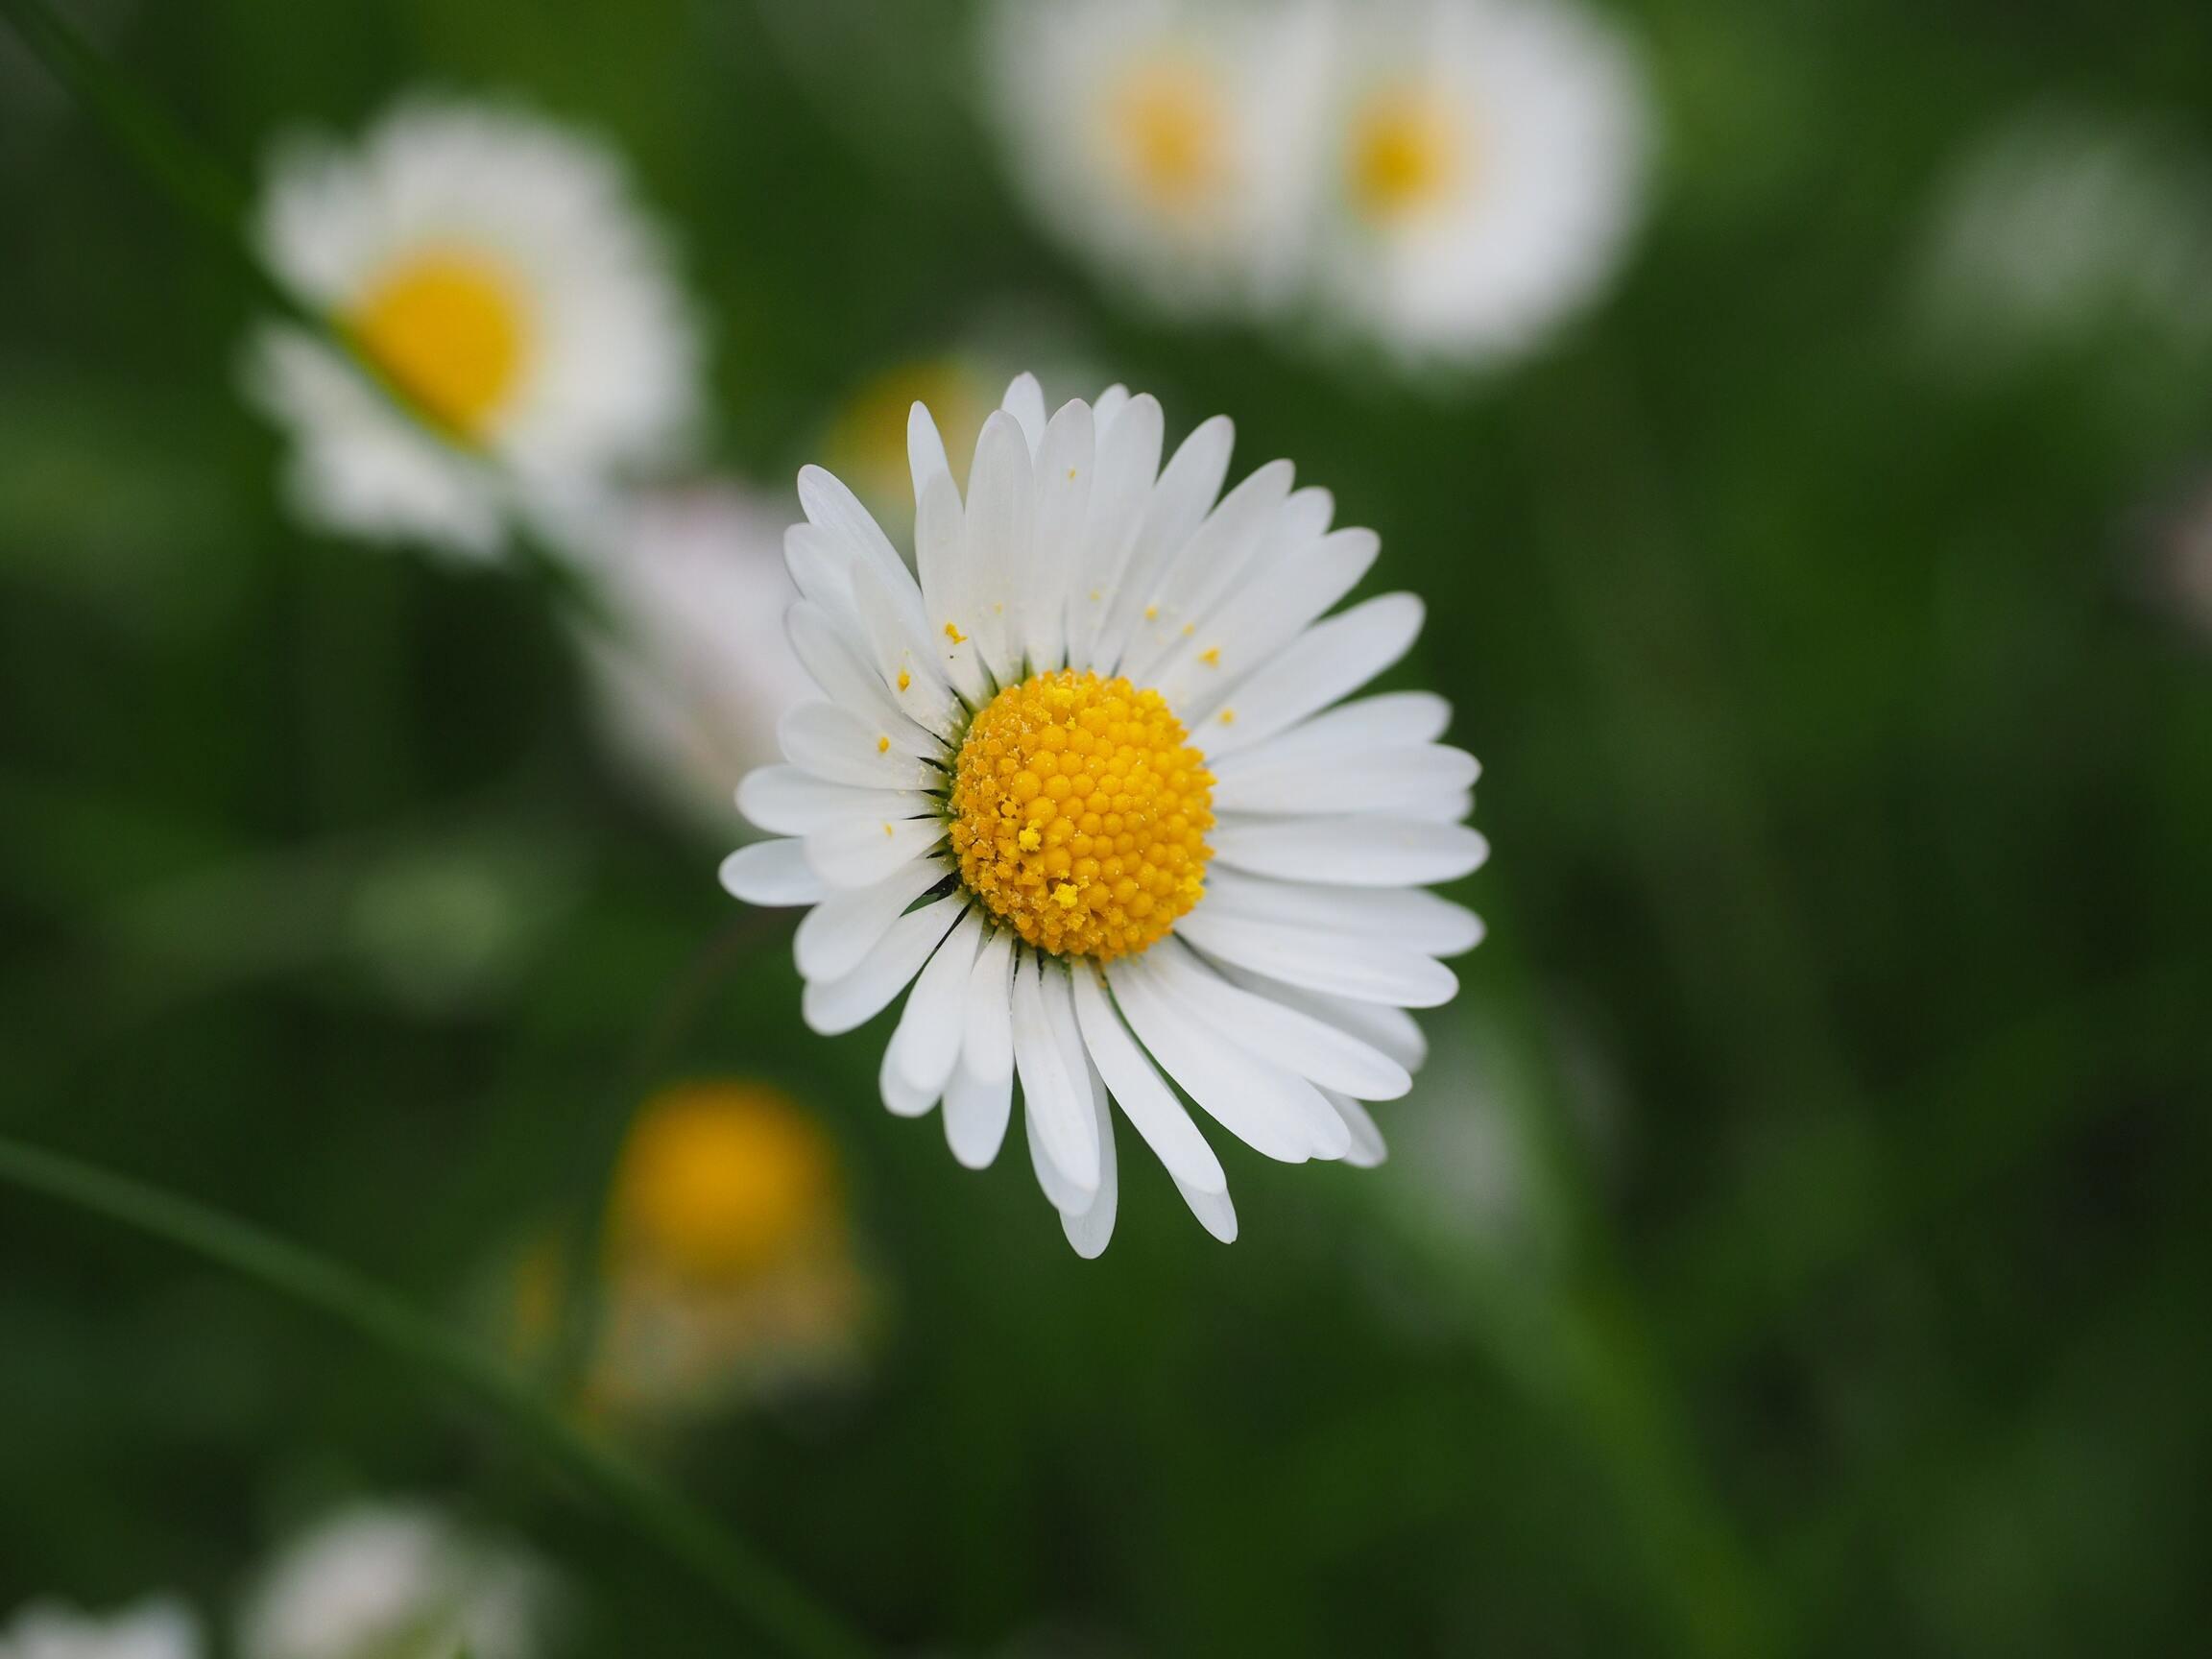 Ảnh hoa cúc dại